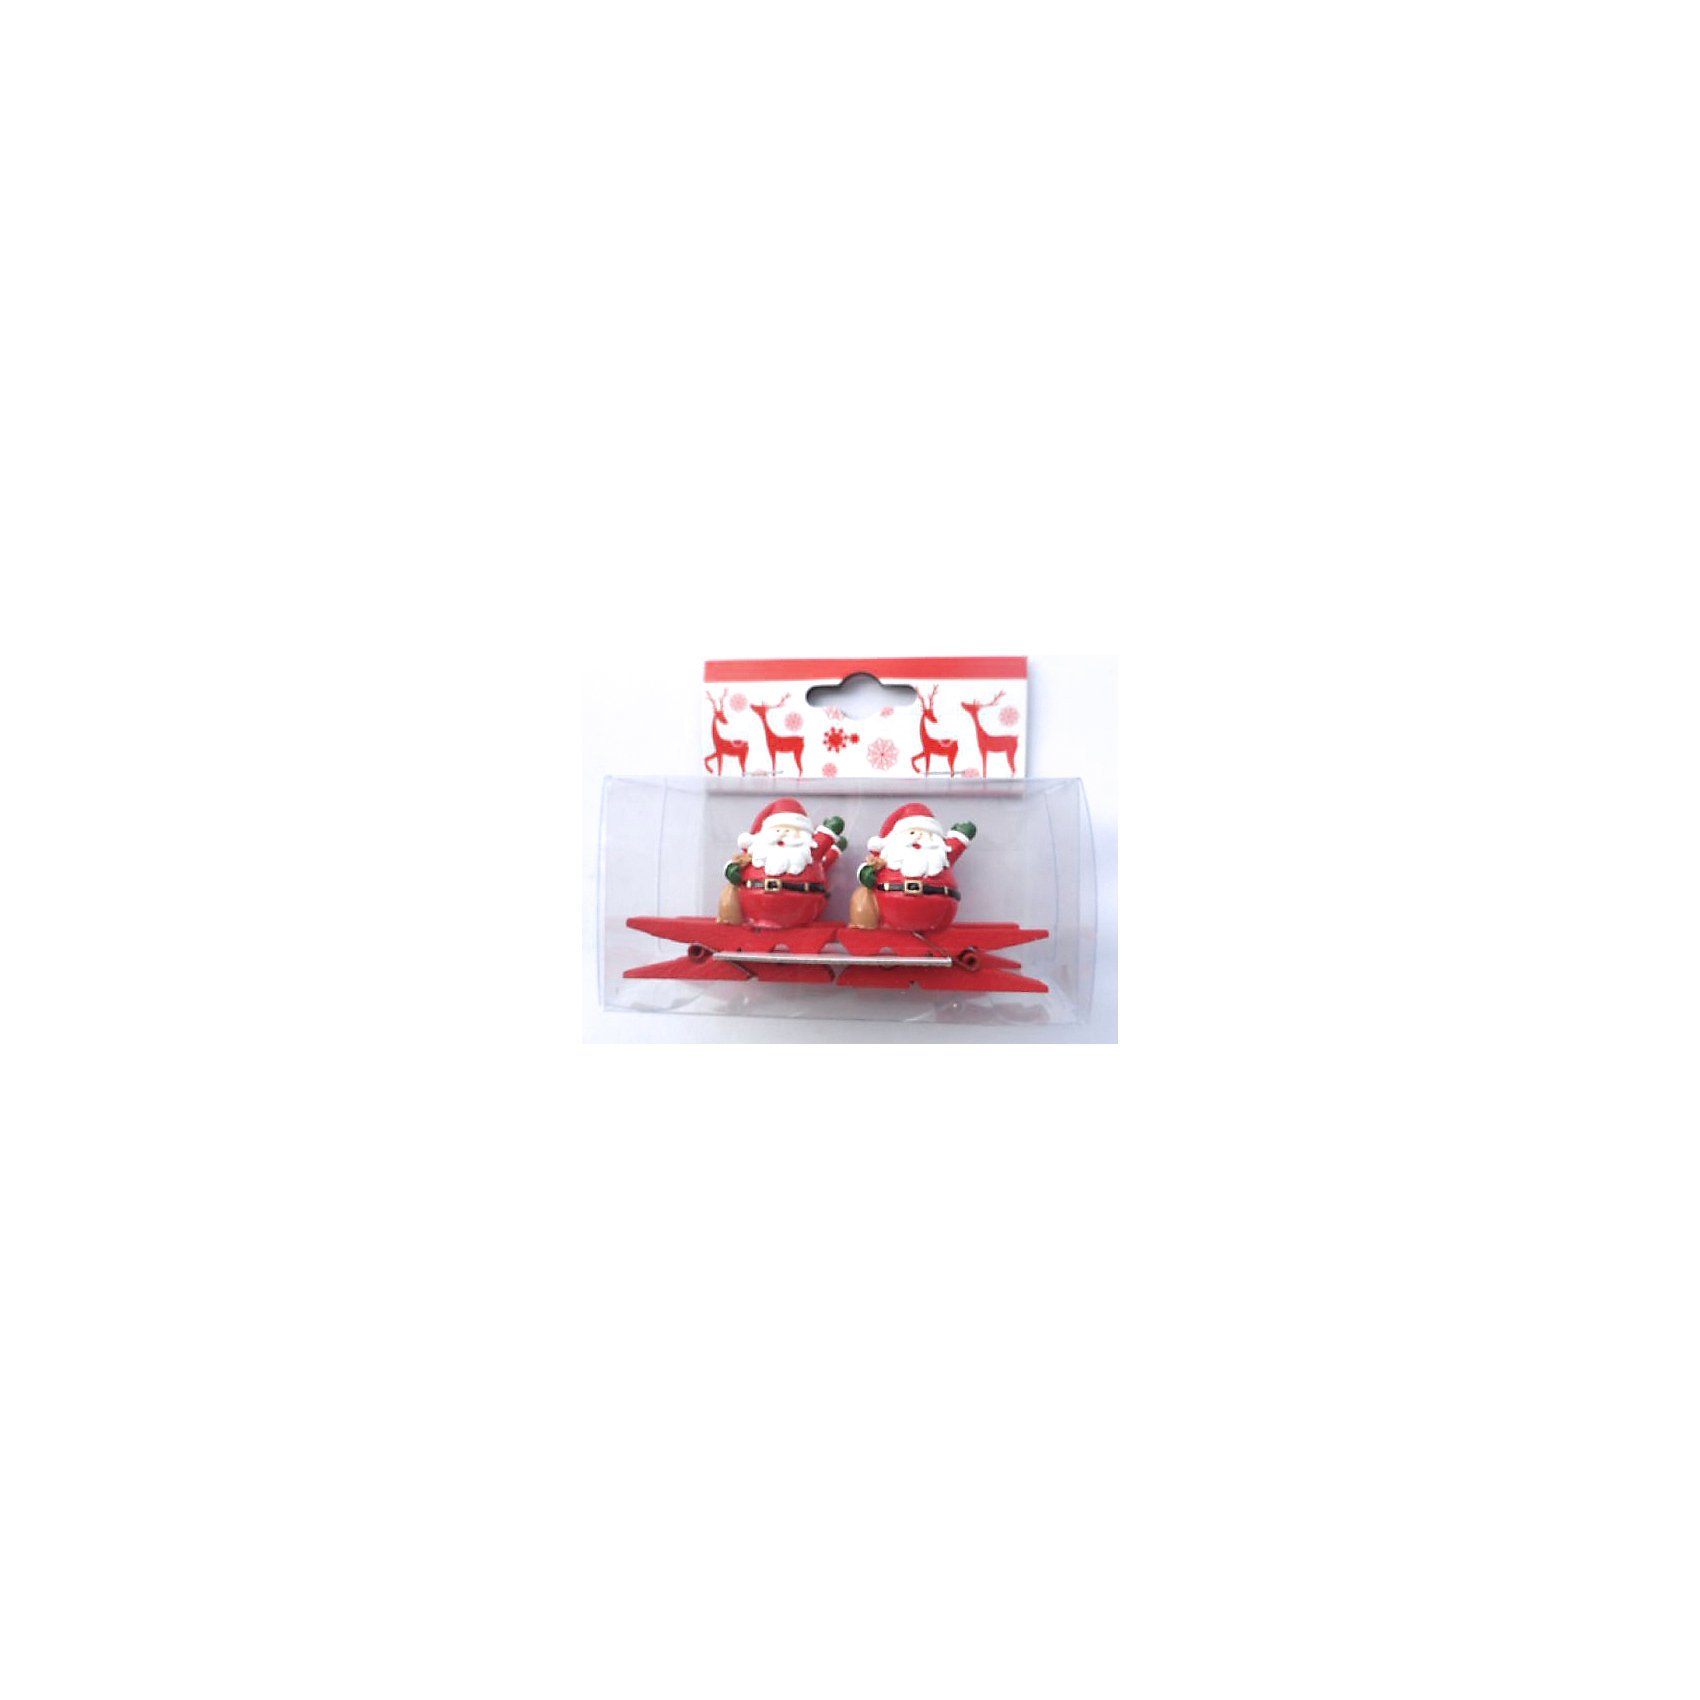 Набор декоративных прищепок Дед Мороз с мешком (4 шт)Новинки Новый Год<br>Набор декоративных прищепок Дед Мороз с мешком (4 шт) – это весёлый новогодний аксессуар, который принесёт ощущение праздника.<br>Забавные декоративные прищепки Дед Мороз с мешком подарят праздничное настроение и сделают новогодний интерьер задорней и ярче. Деревянные прищепки, декорированные фигуркой Деда Мороза с мешком подарков, станут отличным украшением для праздничной ели, новогодних подарков и сувениров. С помощью прищепок можно прикреплять открытки с новогодними поздравлениями.<br><br>Дополнительная информация:<br><br>- В наборе: 4 шт.<br>- Размер упаковки: 9,5 х 5 х 9 см.<br>- Материал: древесина березы с декором из полирезины<br><br>Набор декоративных прищепок Дед Мороз с мешком (4 шт) можно купить в нашем интернет-магазине.<br><br>Ширина мм: 110<br>Глубина мм: 60<br>Высота мм: 110<br>Вес г: 100<br>Возраст от месяцев: 36<br>Возраст до месяцев: 2147483647<br>Пол: Унисекс<br>Возраст: Детский<br>SKU: 4274748